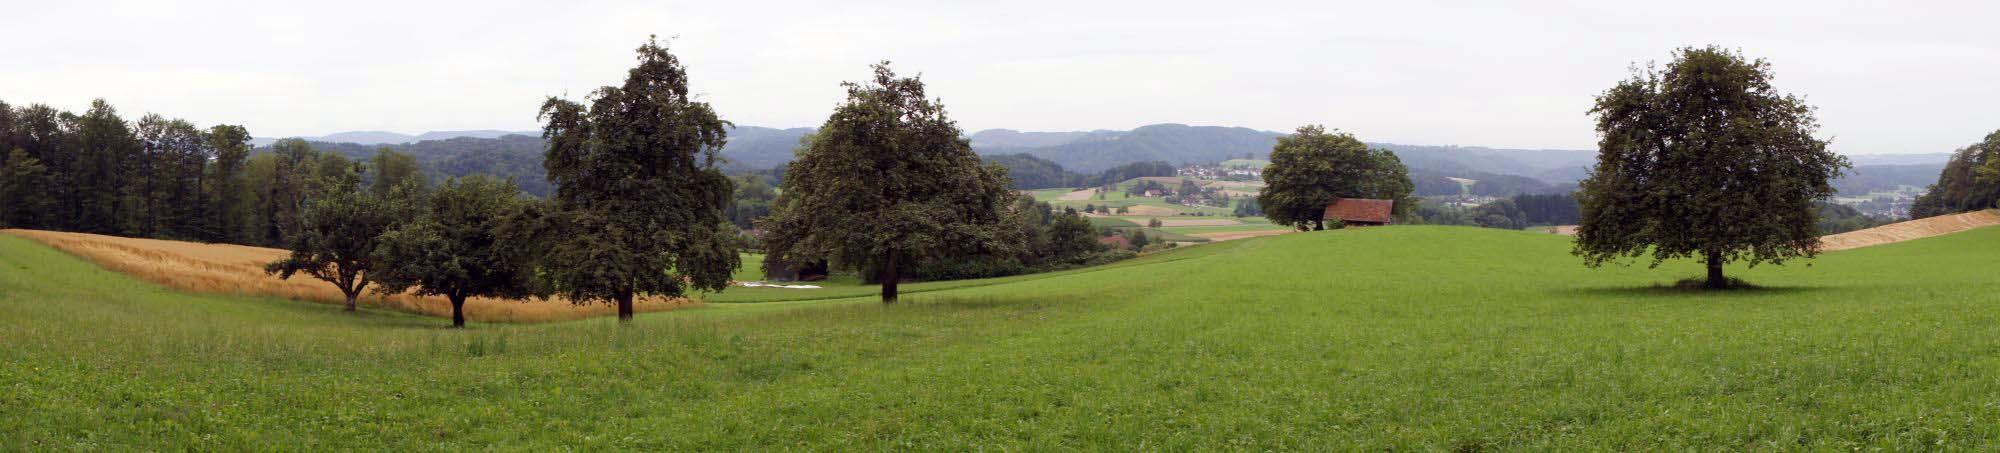 iberg-panorama-2010-005-sm.jpg